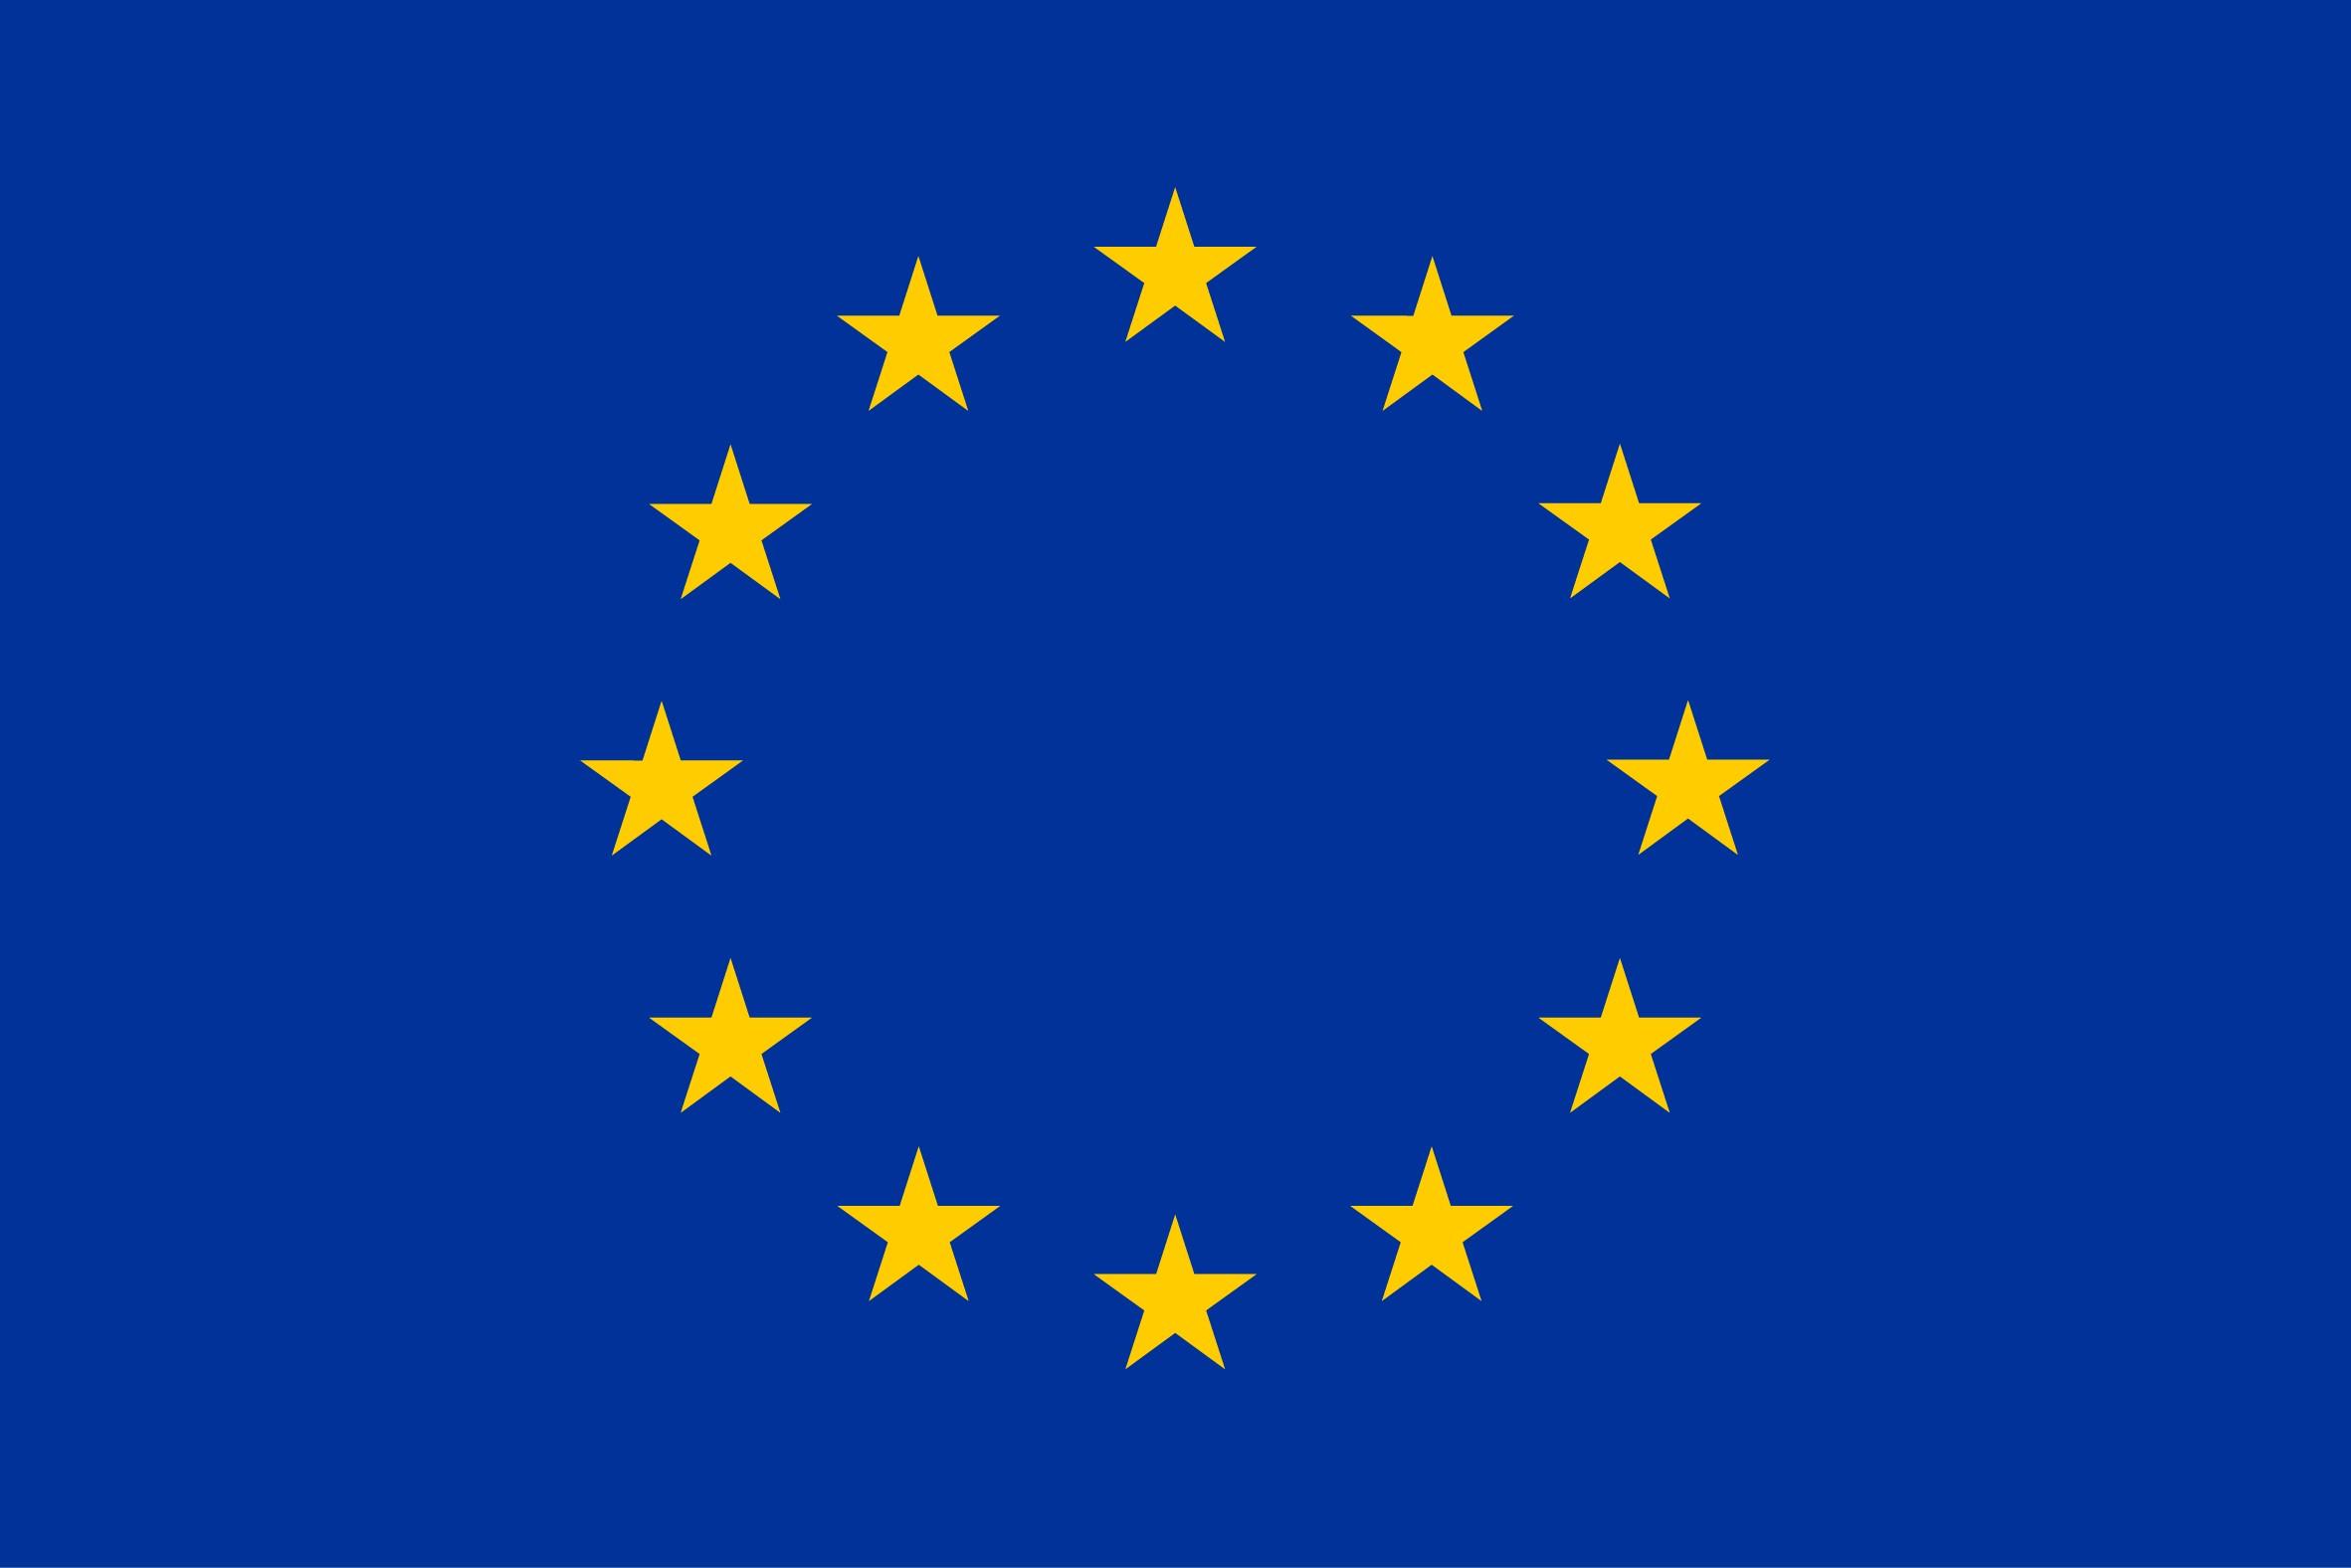 static/images/EU-flag.jpg